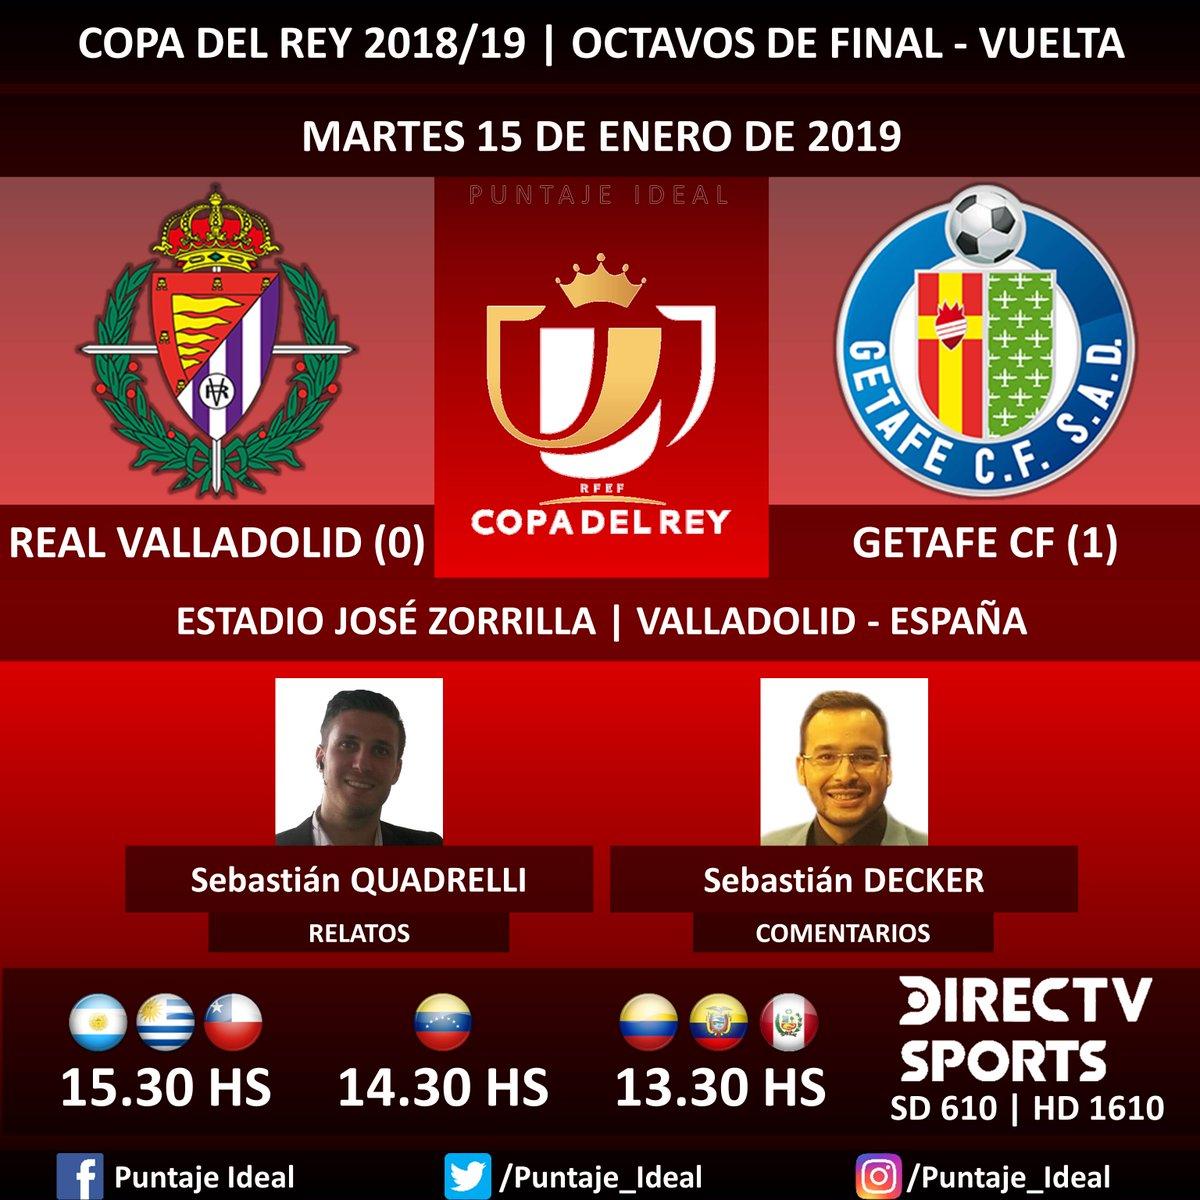 ⚽ #FútbolEnDIRECTV   #RealValladolid vs. #GetafeCF 🎙 Relatos: @SebaQuadrelli  🎙 Comentarios: @SebasDecker  📺 TV: @DIRECTVSports Sudamérica (610 - 1610 HD) - #Torneos 🤳 #SoySportista - #CopaDelRey 🇪🇸 - #RealValladolidGetafe  Dale RT 🔃